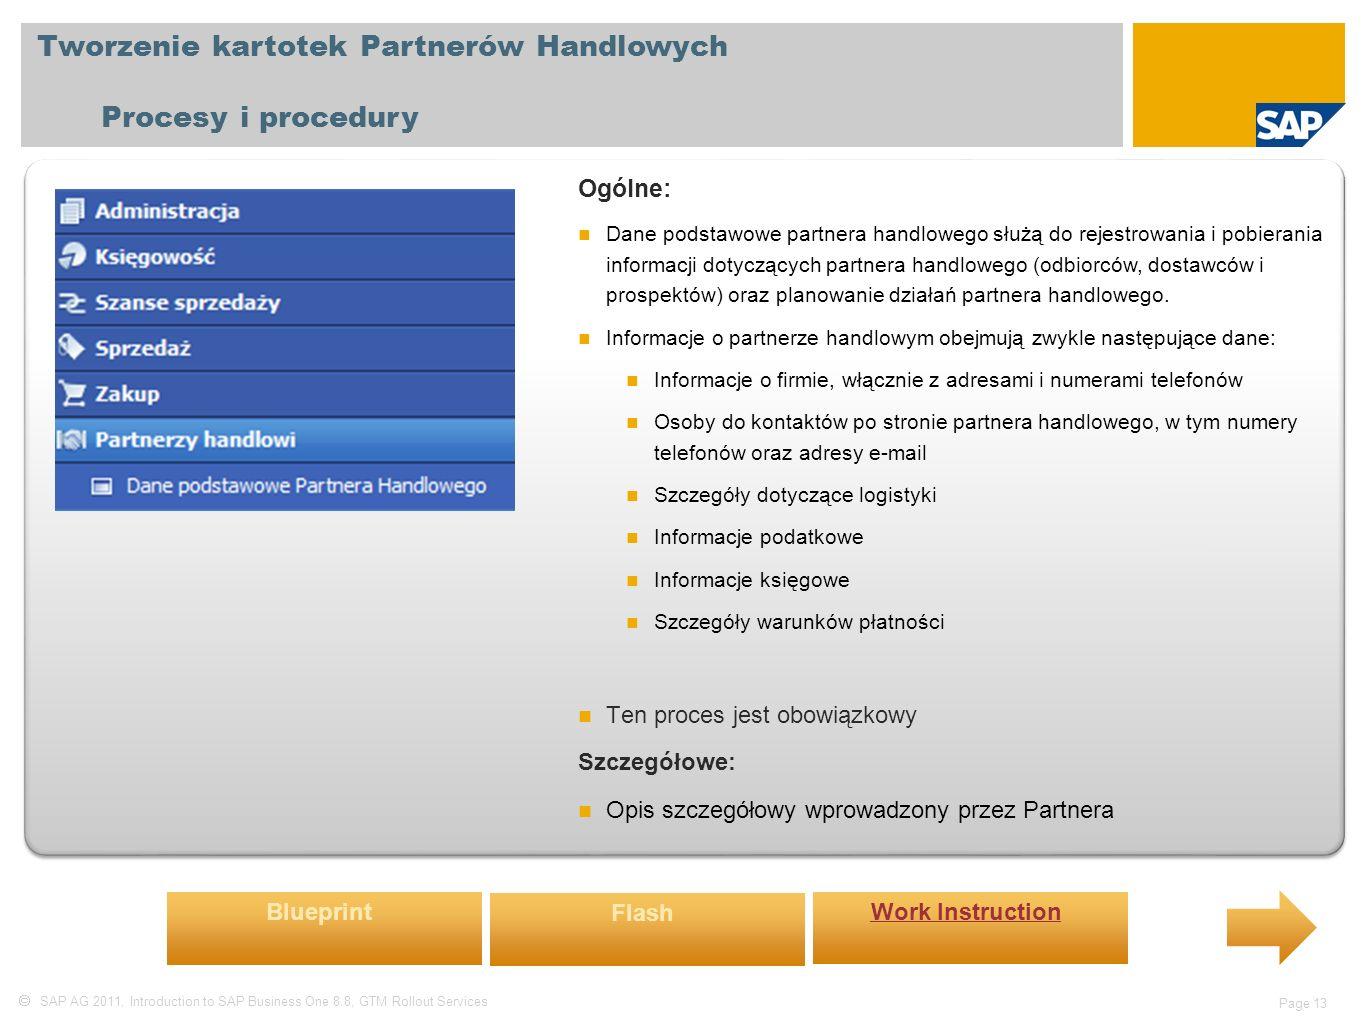  SAP AG 2011, Introduction to SAP Business One 8.8, GTM Rollout Services Page 13 Tworzenie kartotek Partnerów Handlowych Procesy i procedury Ogólne: Dane podstawowe partnera handlowego służą do rejestrowania i pobierania informacji dotyczących partnera handlowego (odbiorców, dostawców i prospektów) oraz planowanie działań partnera handlowego.